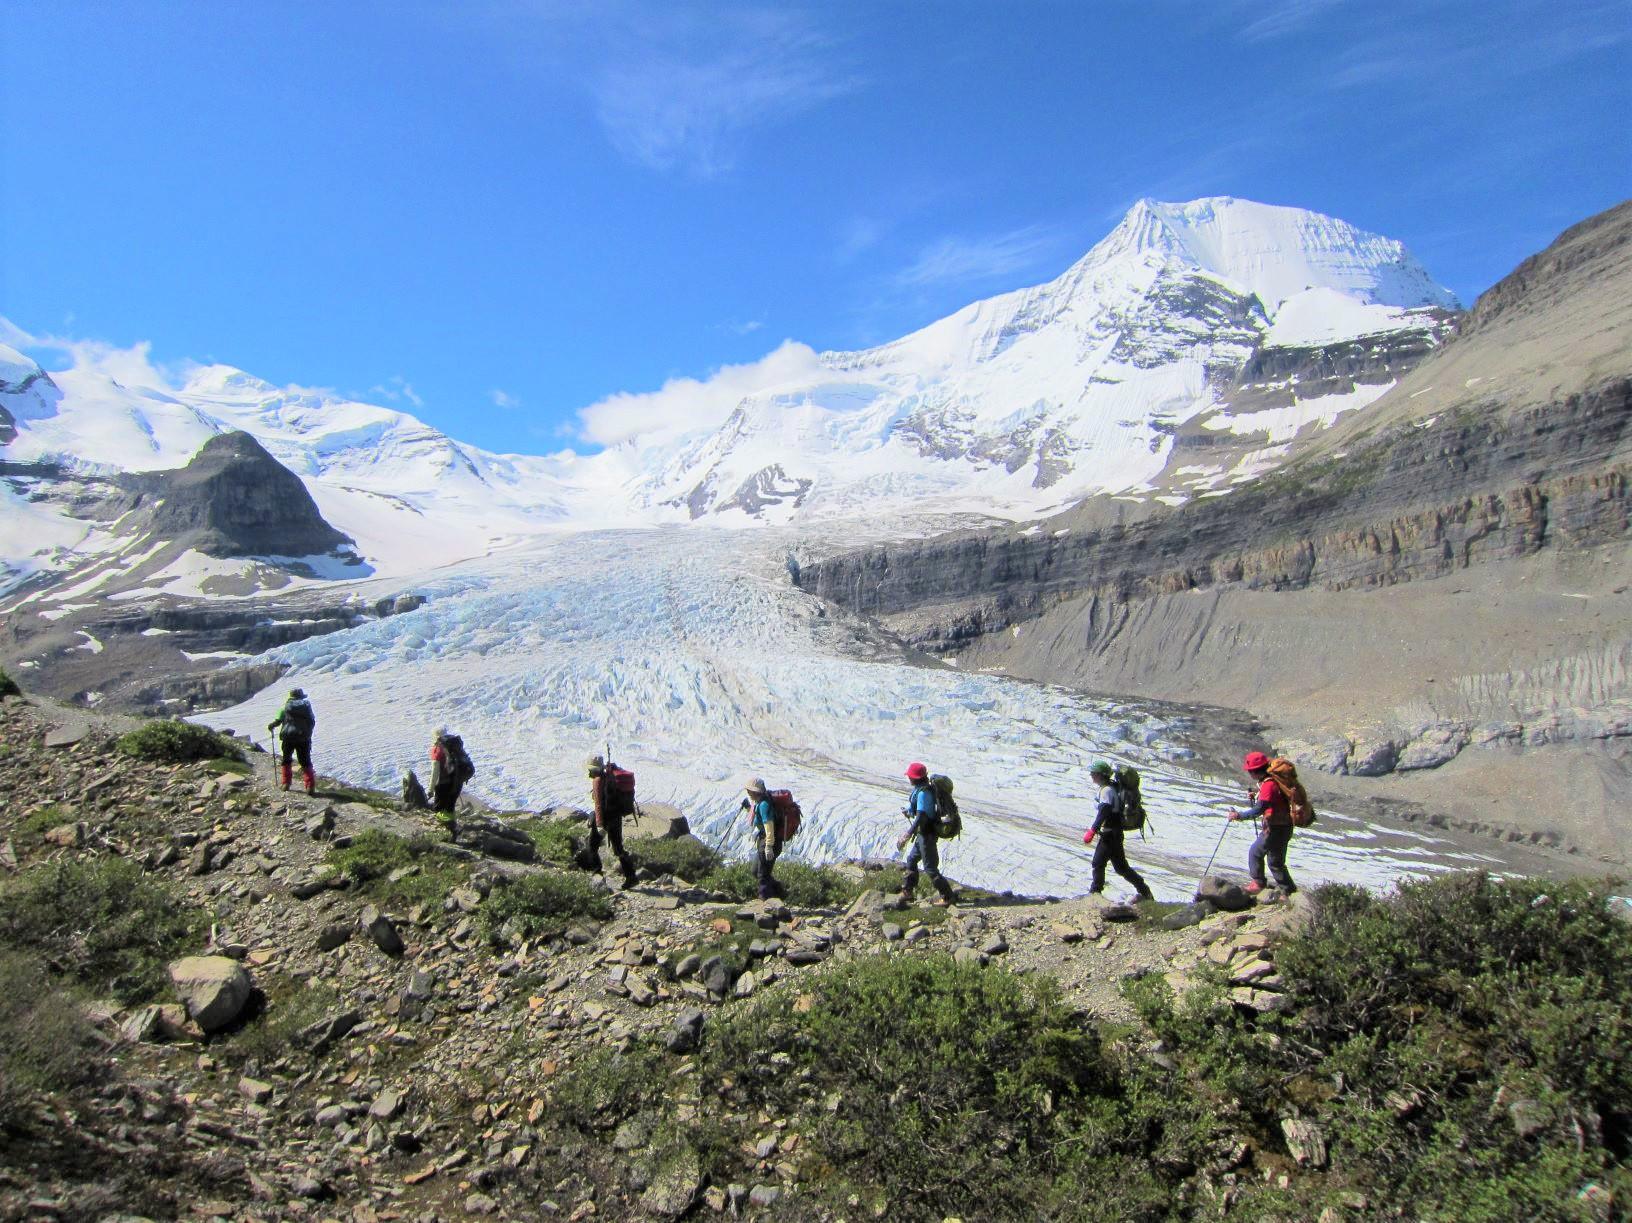 【創業50周年記念特別企画/カナダCコース】カナディアンロッキー最高峰Mt.ロブソンと秀峰Mt.アシニボイン・ヘリ・キャンプ 12日間